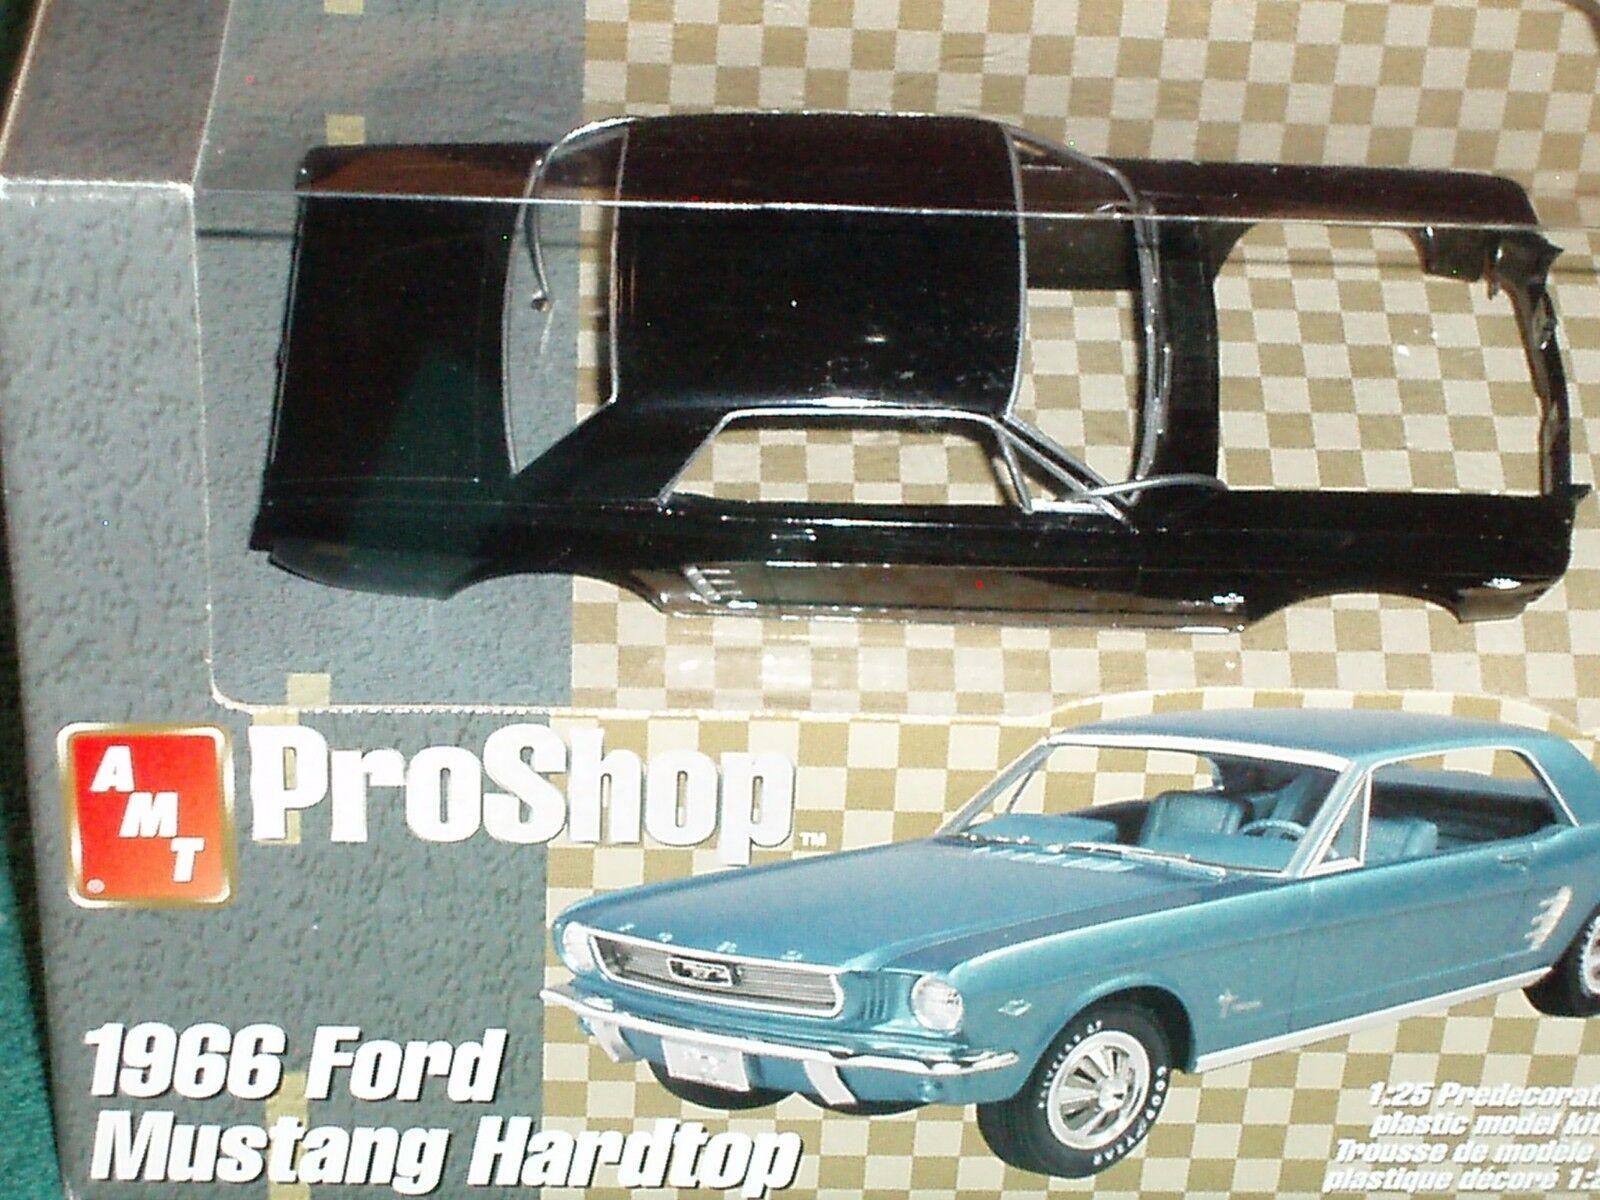 Juguetes Modelo De De De Aluminio Pro Shop 1966 Ford Mustang Coupe 1 25 Prepintado Kit plástico modelo f7bb9e